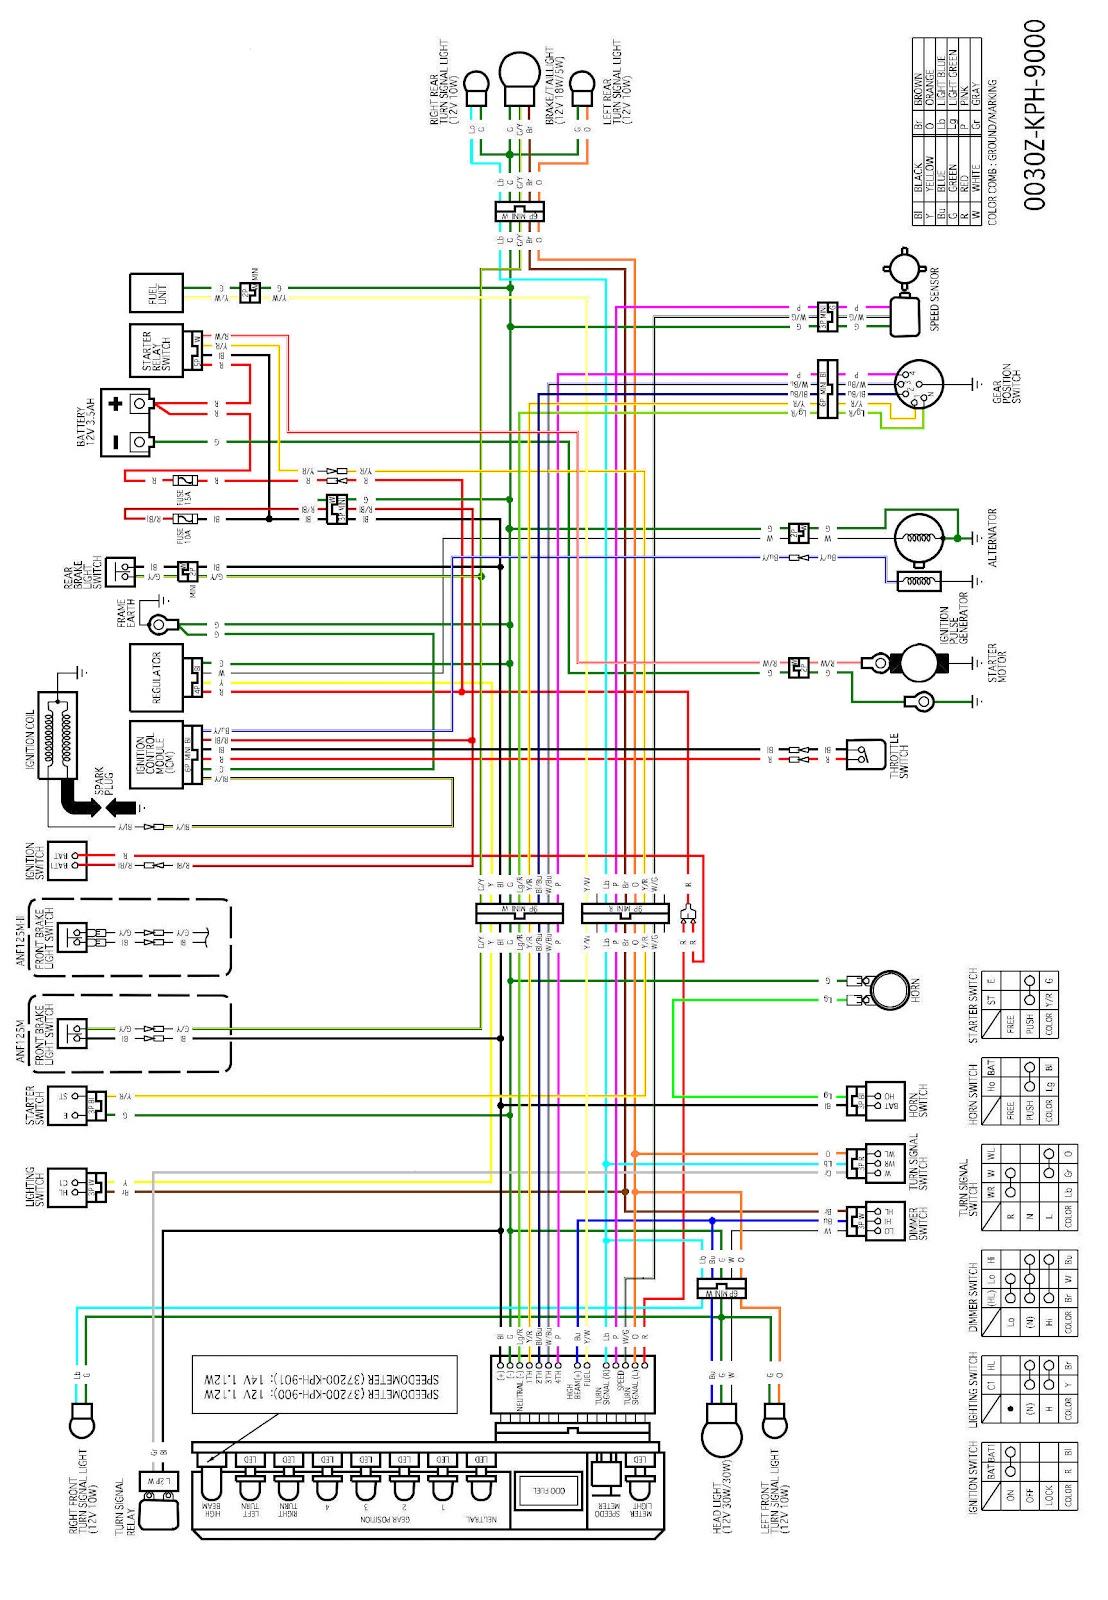 small resolution of wiring diagram motor honda karisma x wiring library wiring diagram motor karisma